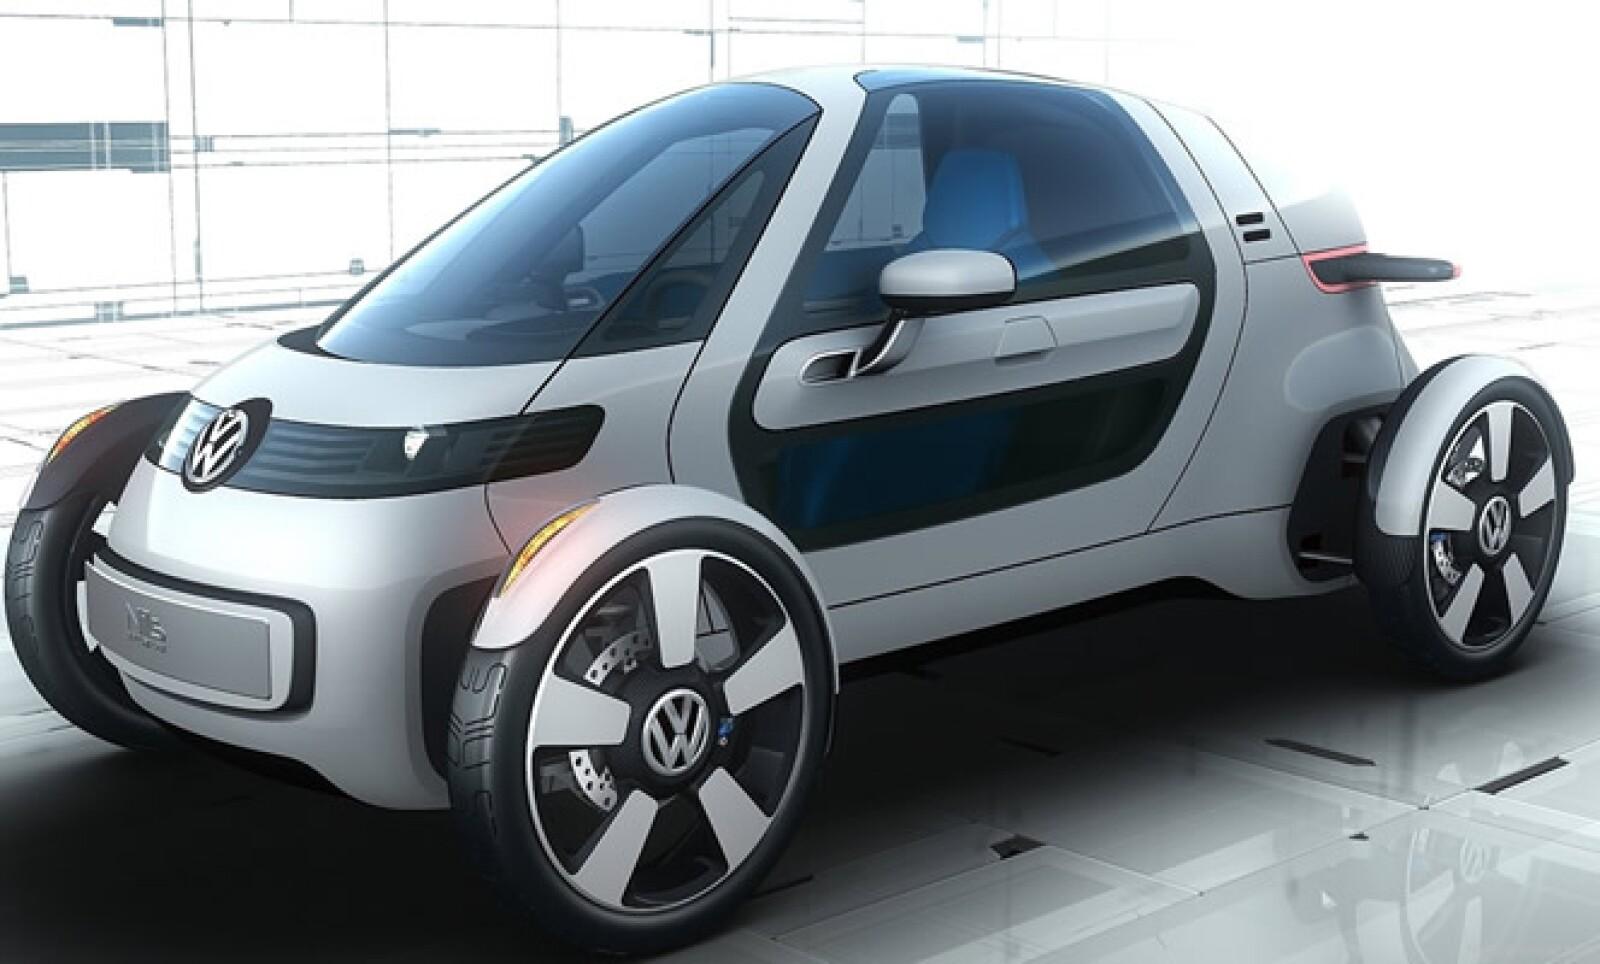 Un nuevo segmento de vehículos urbanos ultra compactos y ligeros con ruedas descubiertas. Supera los tres metros de longitud, incluye puertas alas de gaviota y motor eléctrico con baterías recargables en cualquier enchufe.